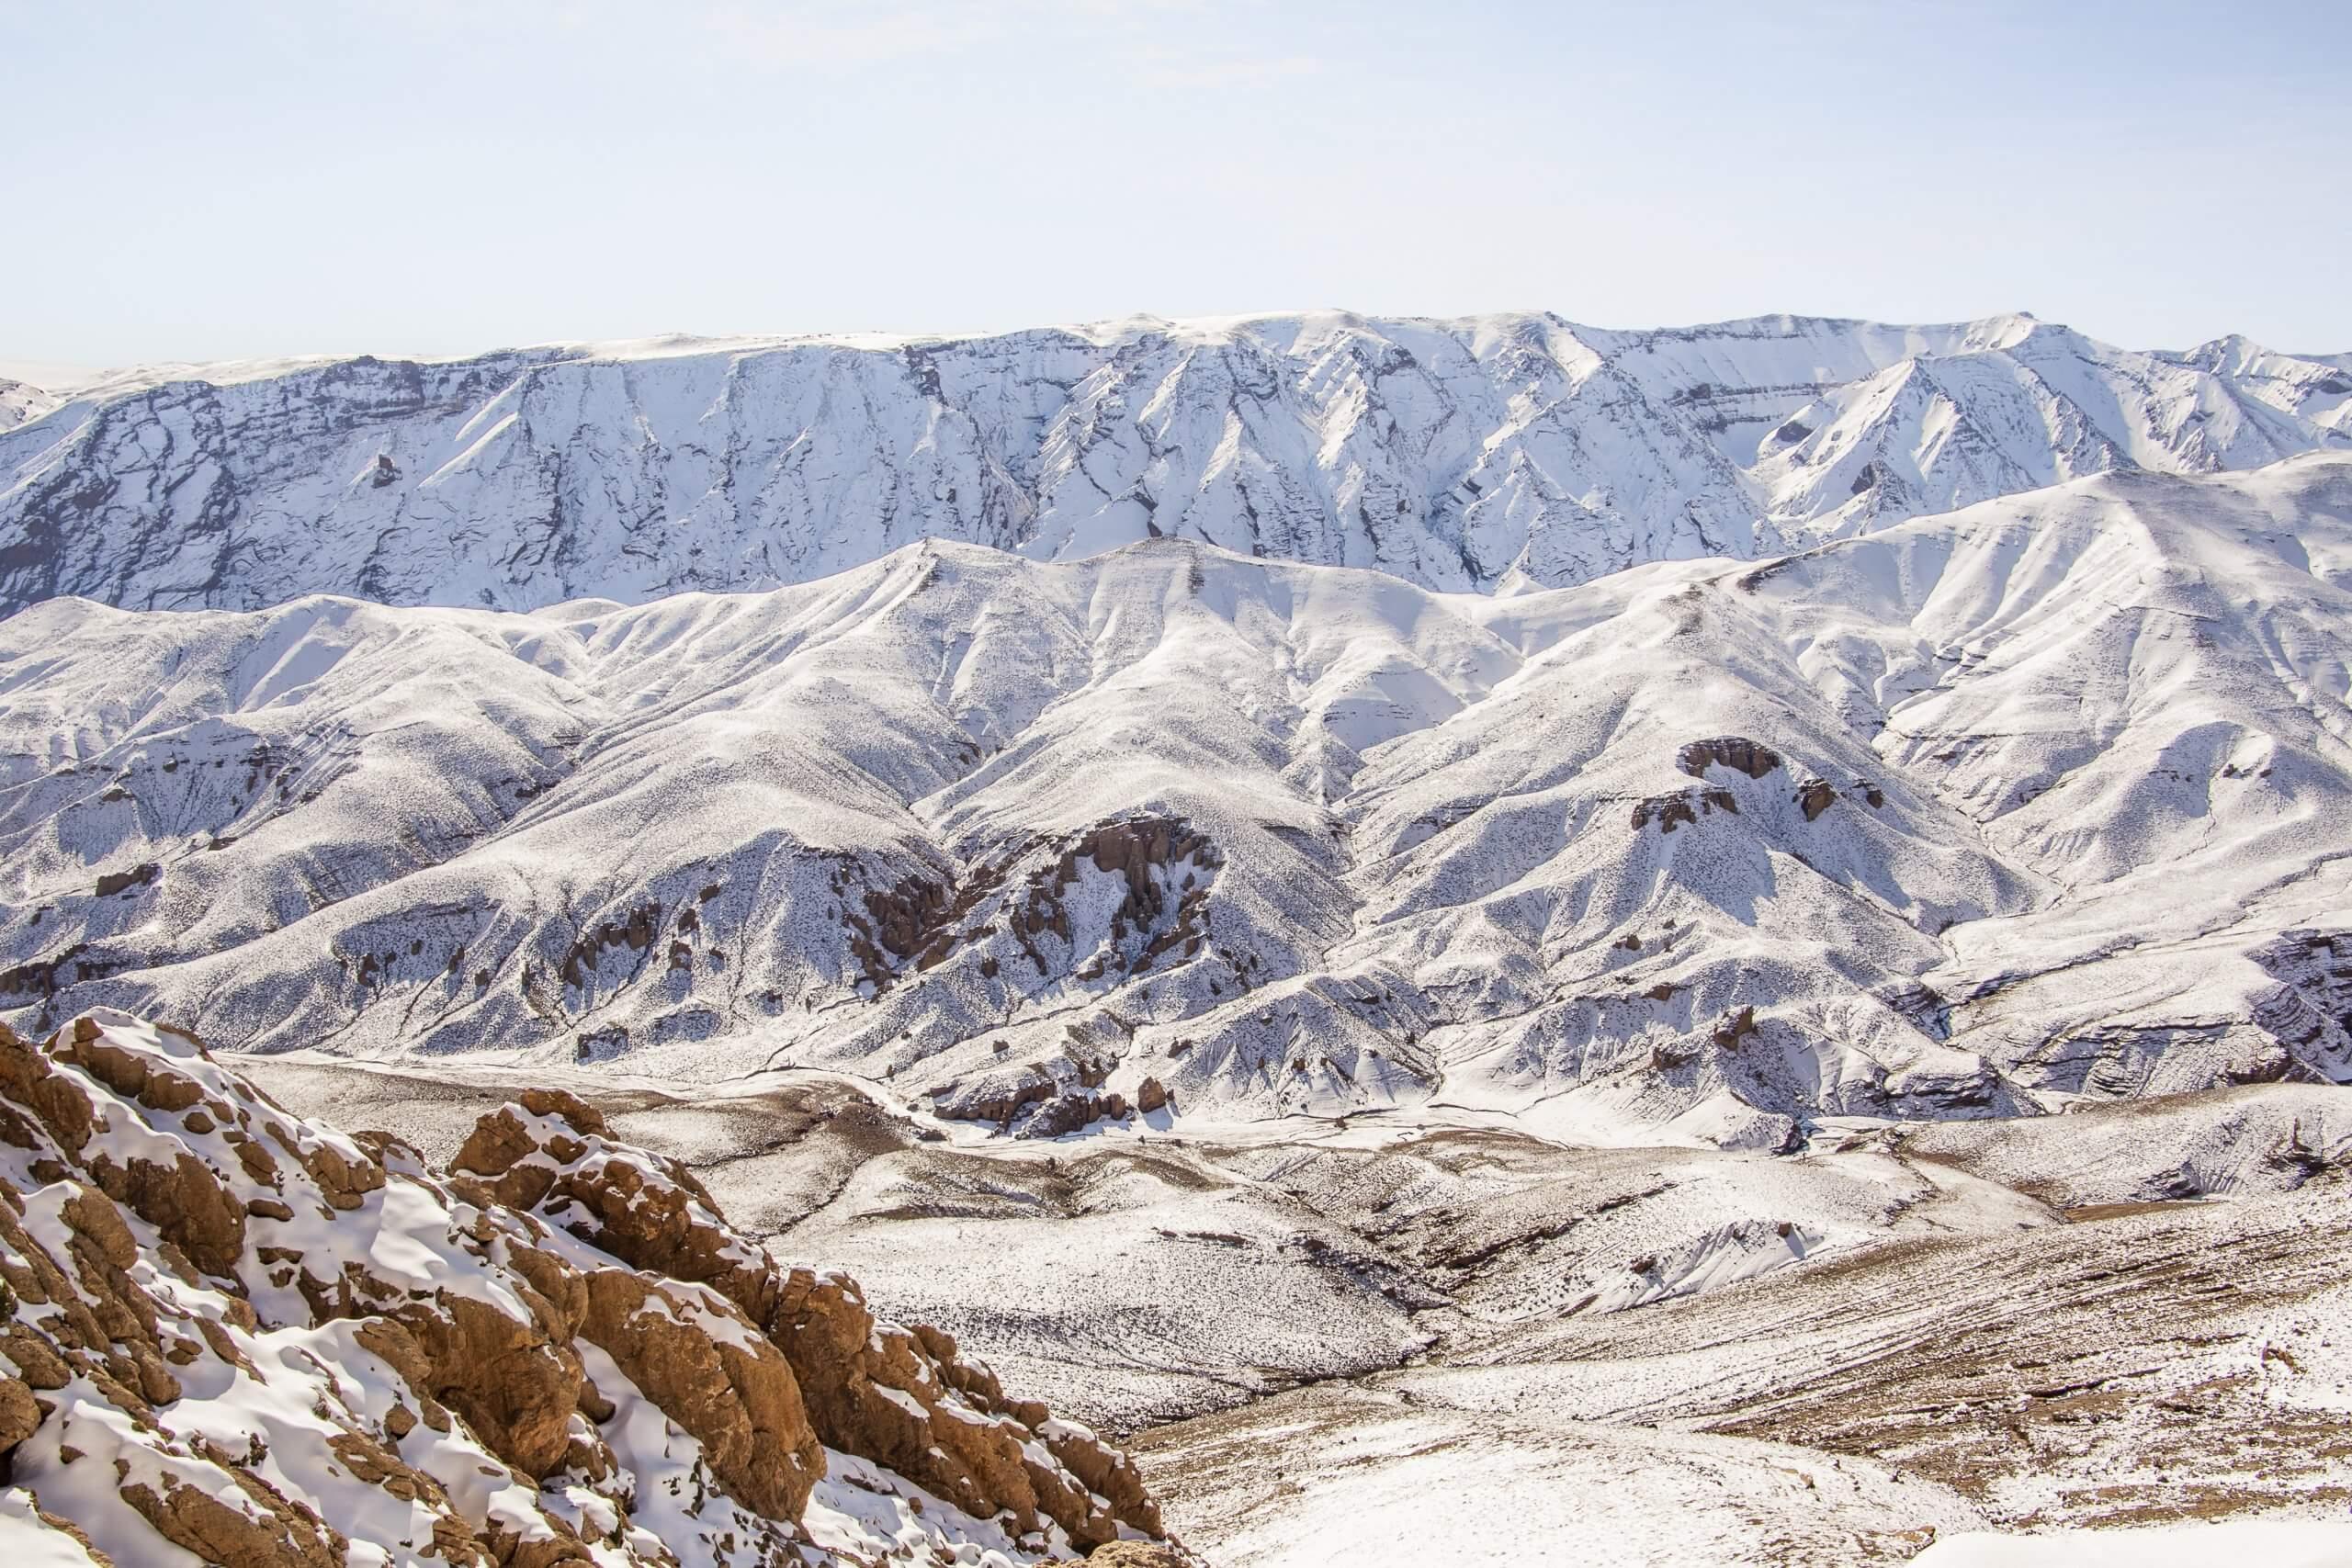 durch die schneebedeckten Berge